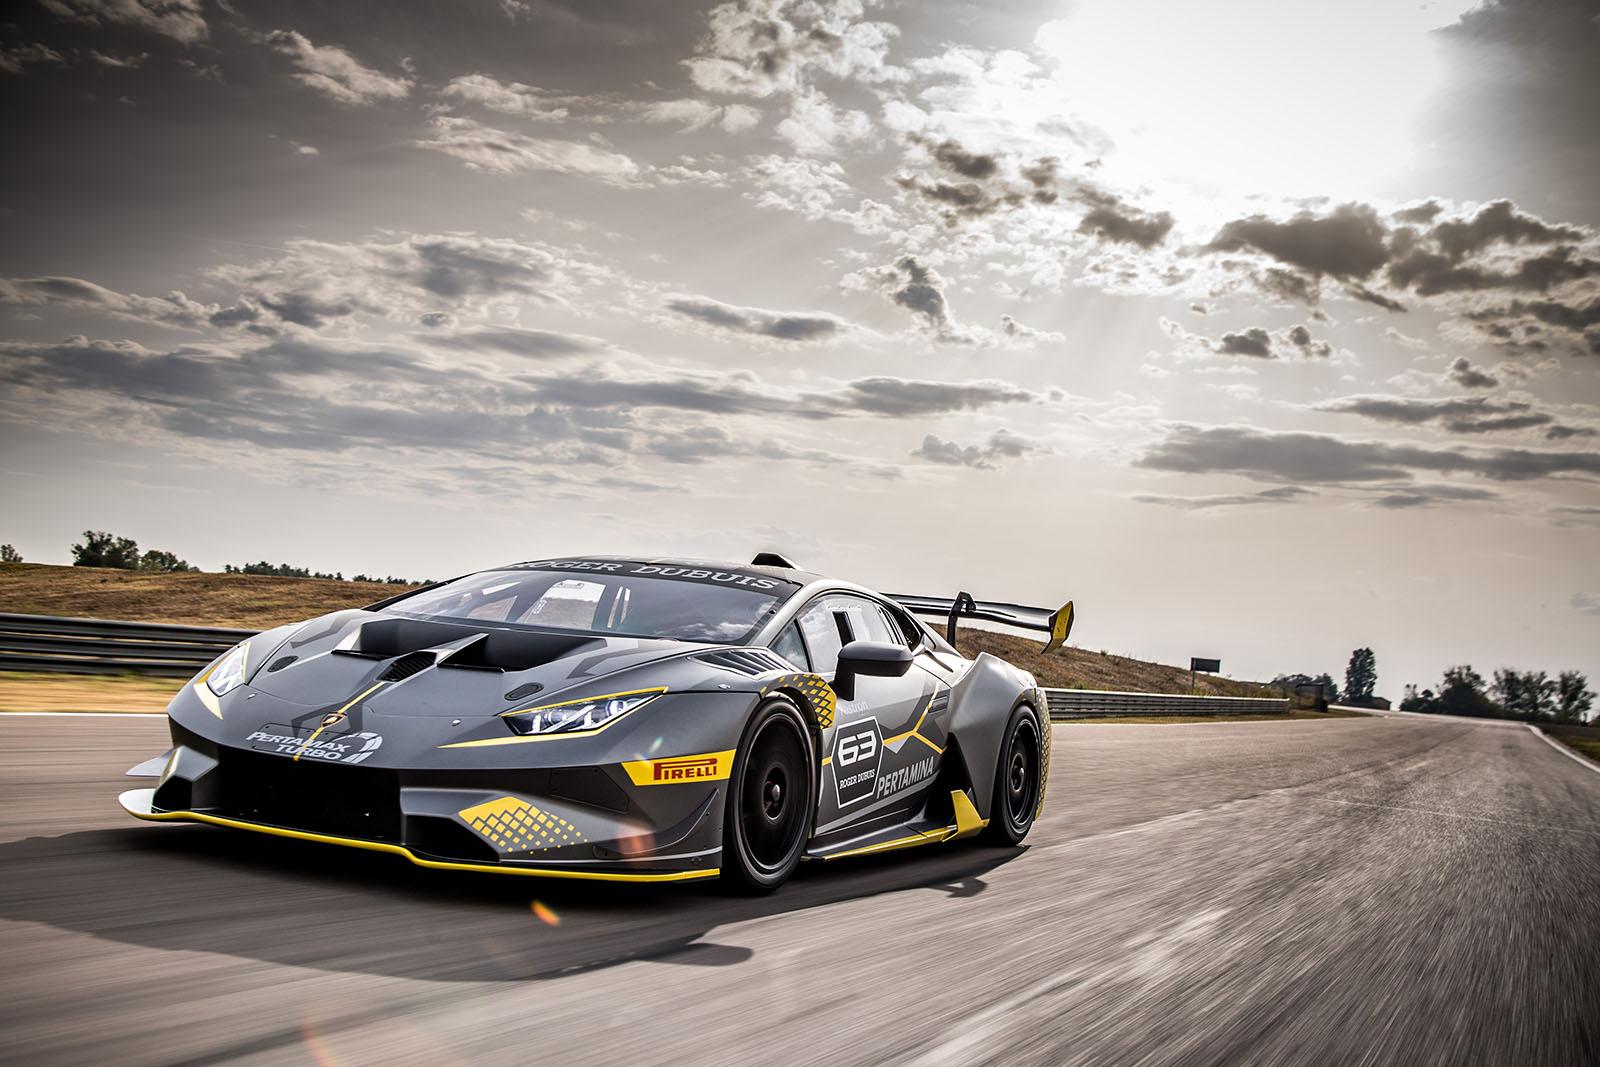 Roger Dubuis Lamborghini Huracan-ST EVO-01